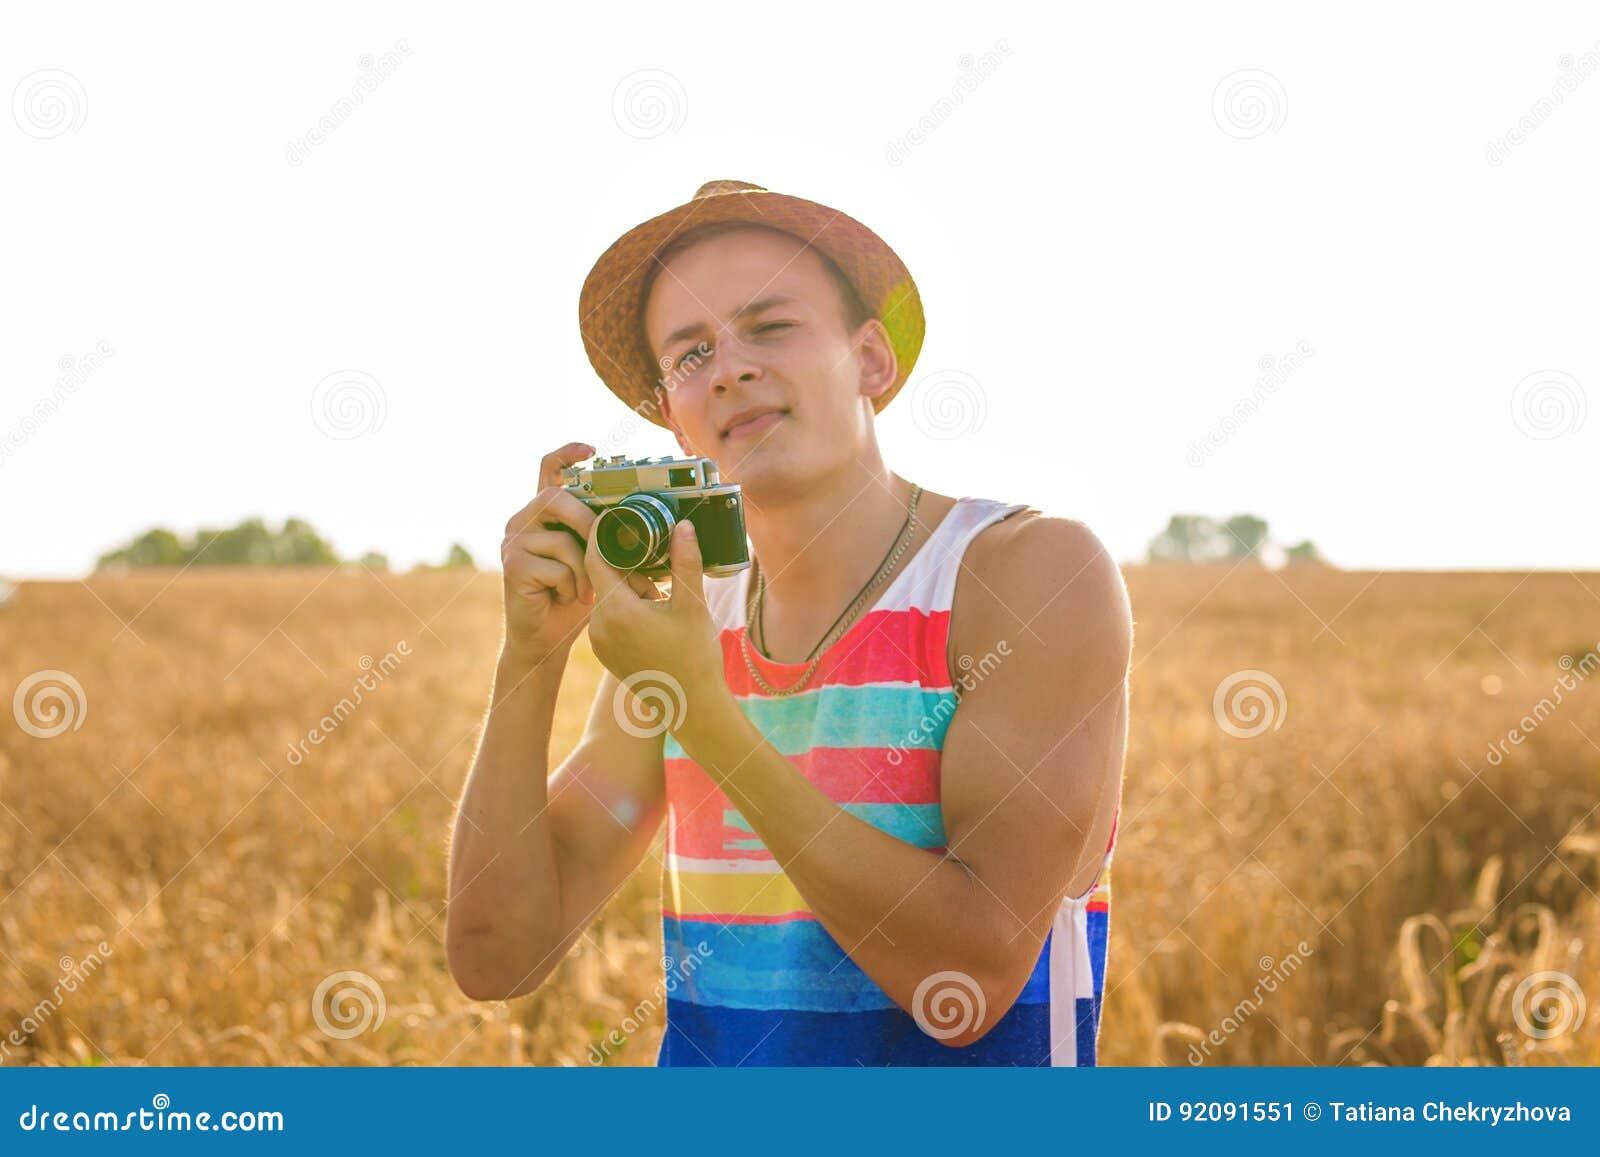 Άτομο με τον αναδρομικό τρόπο ζωής ταξιδιού μόδας καμερών φωτογραφιών υπαίθριο